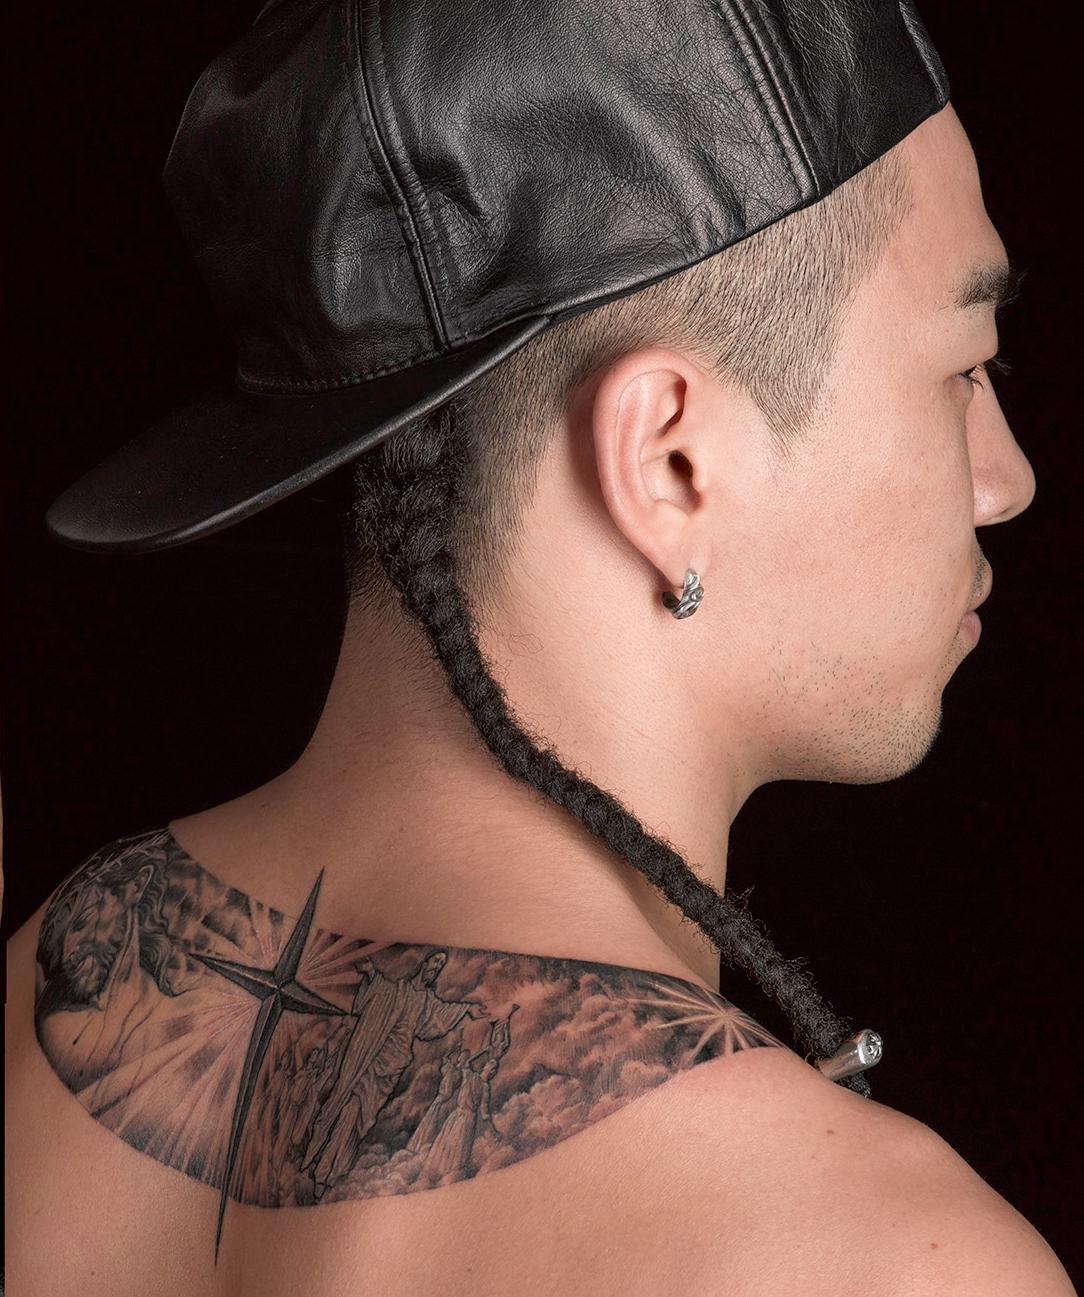 G Dragon 2013 Tattoos BIGBANG: Taeyang's Tat...